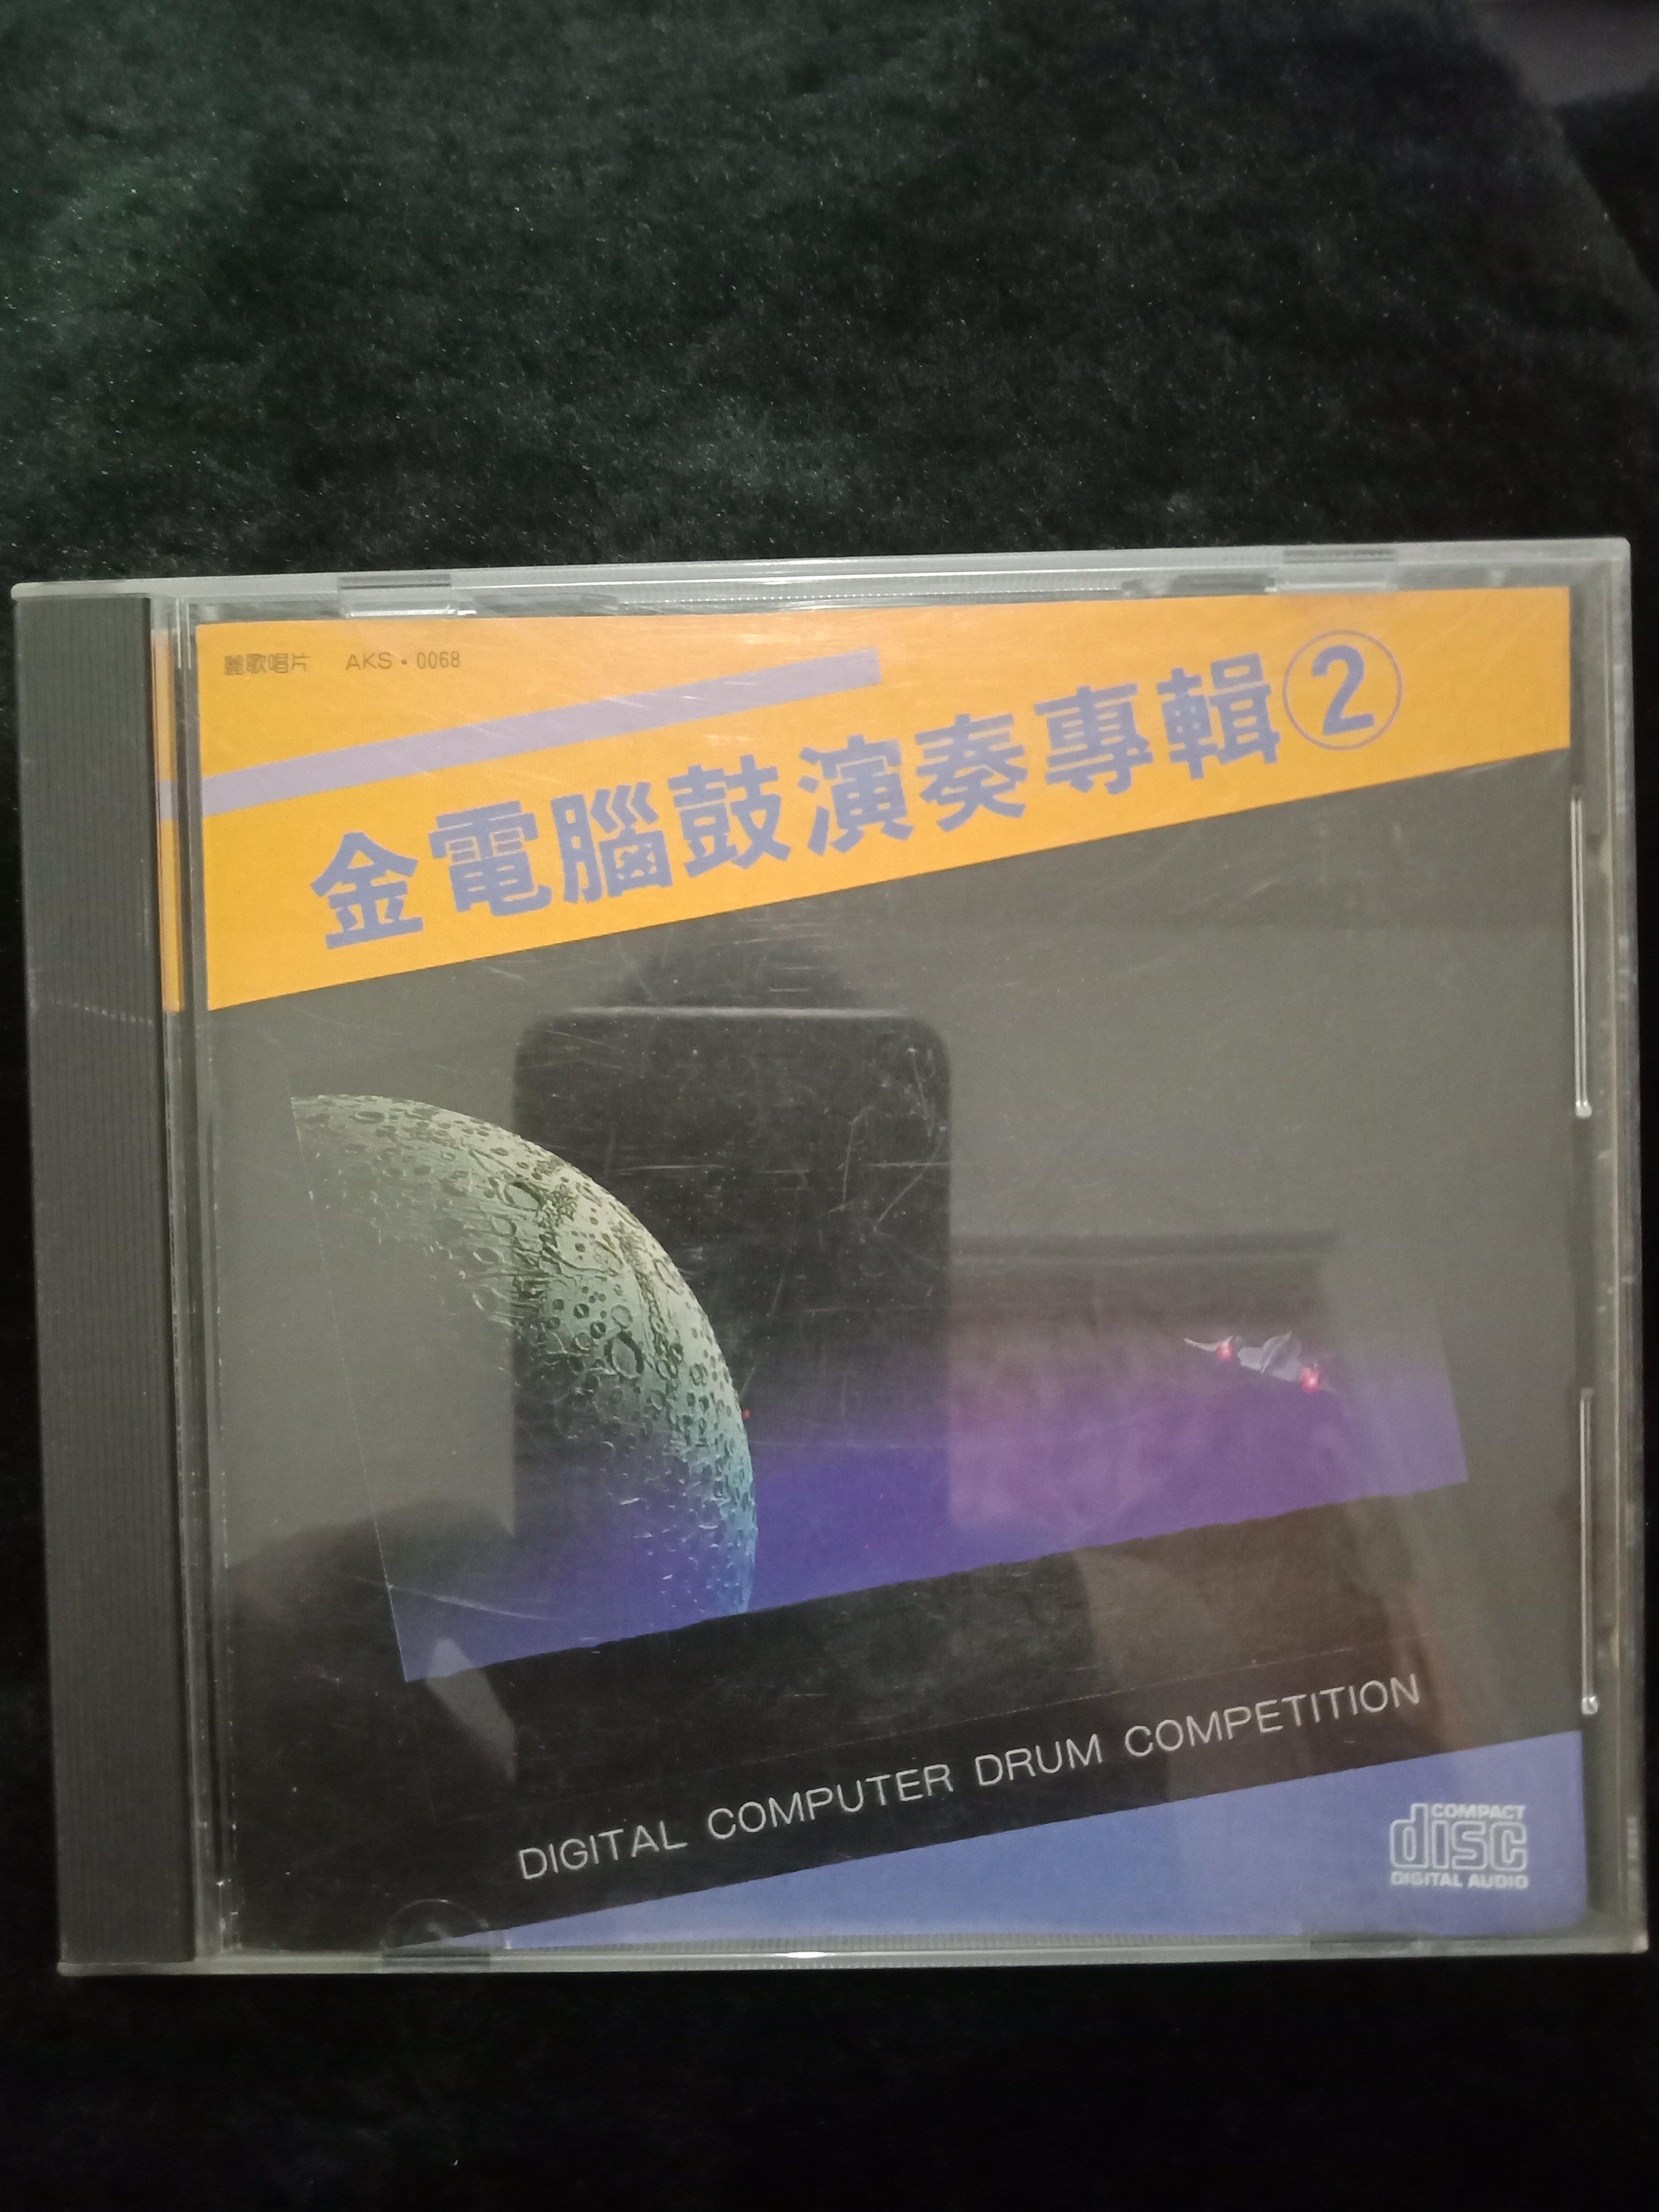 金電腦鼓演奏專輯 2 - 早期麗哥雷射唱片 日本盤 - 保存佳 - 501元起標   R734